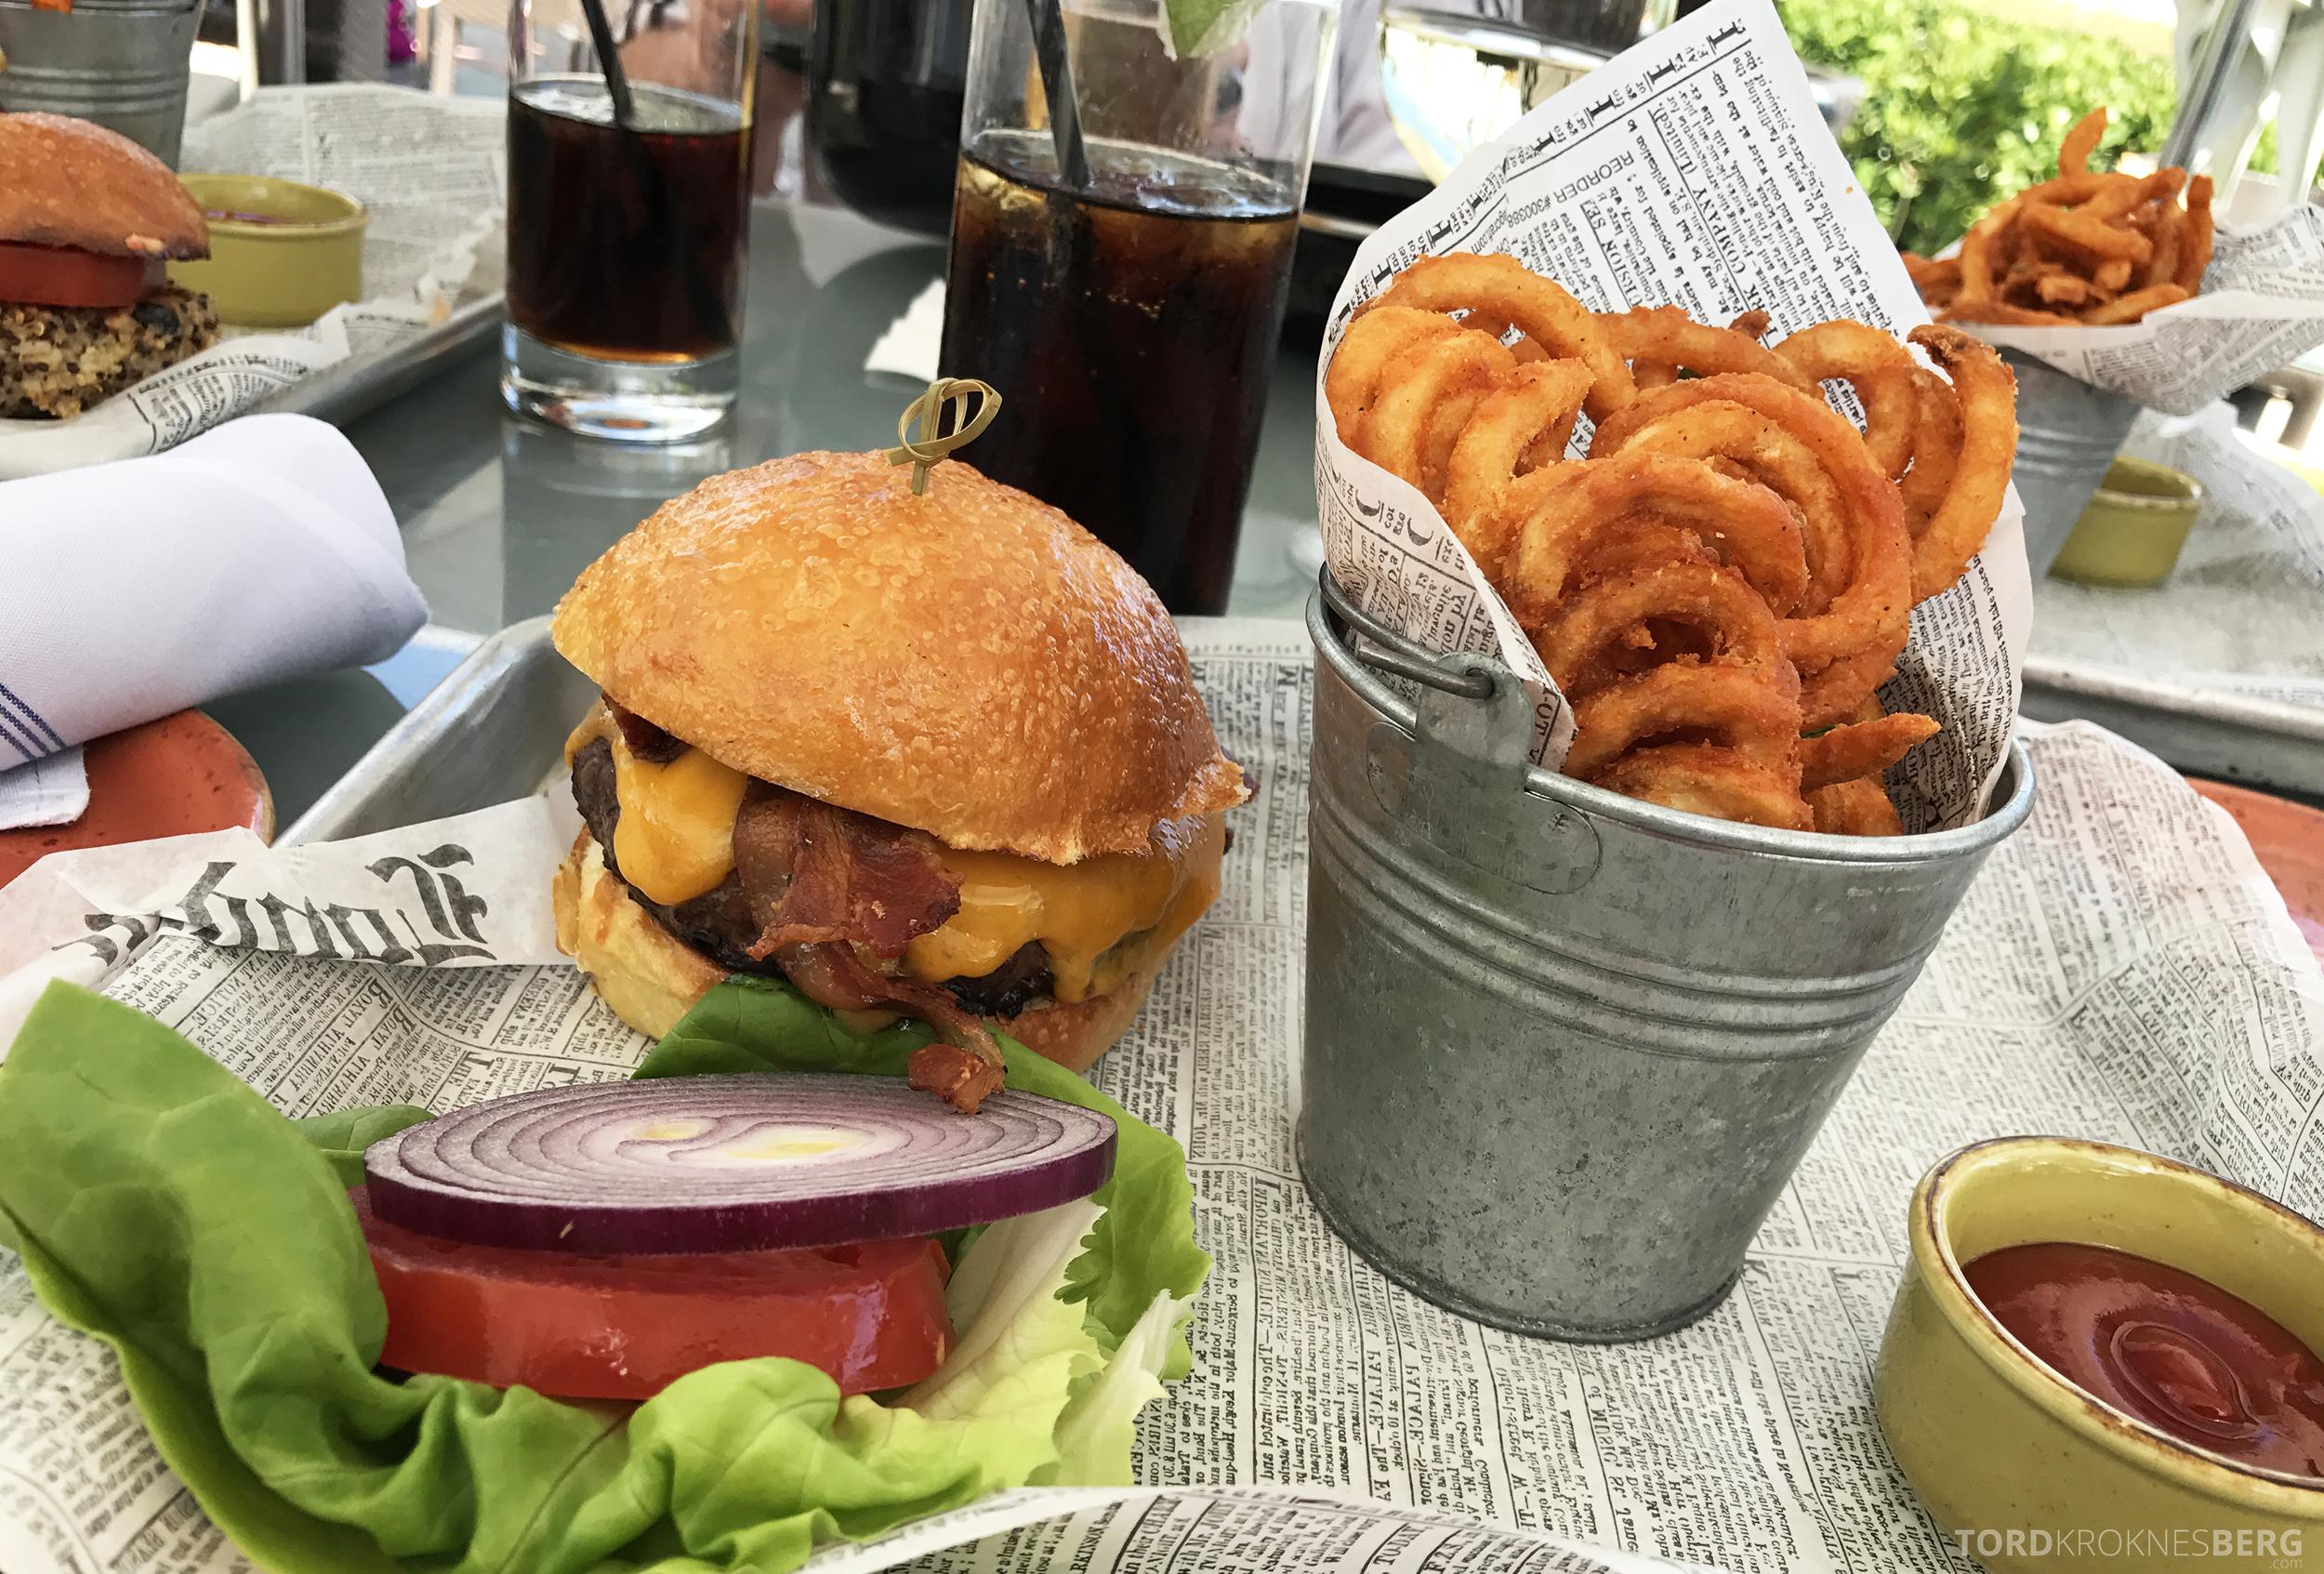 The Ritz Carlton South Beach Miami Dilido Beach Club burger